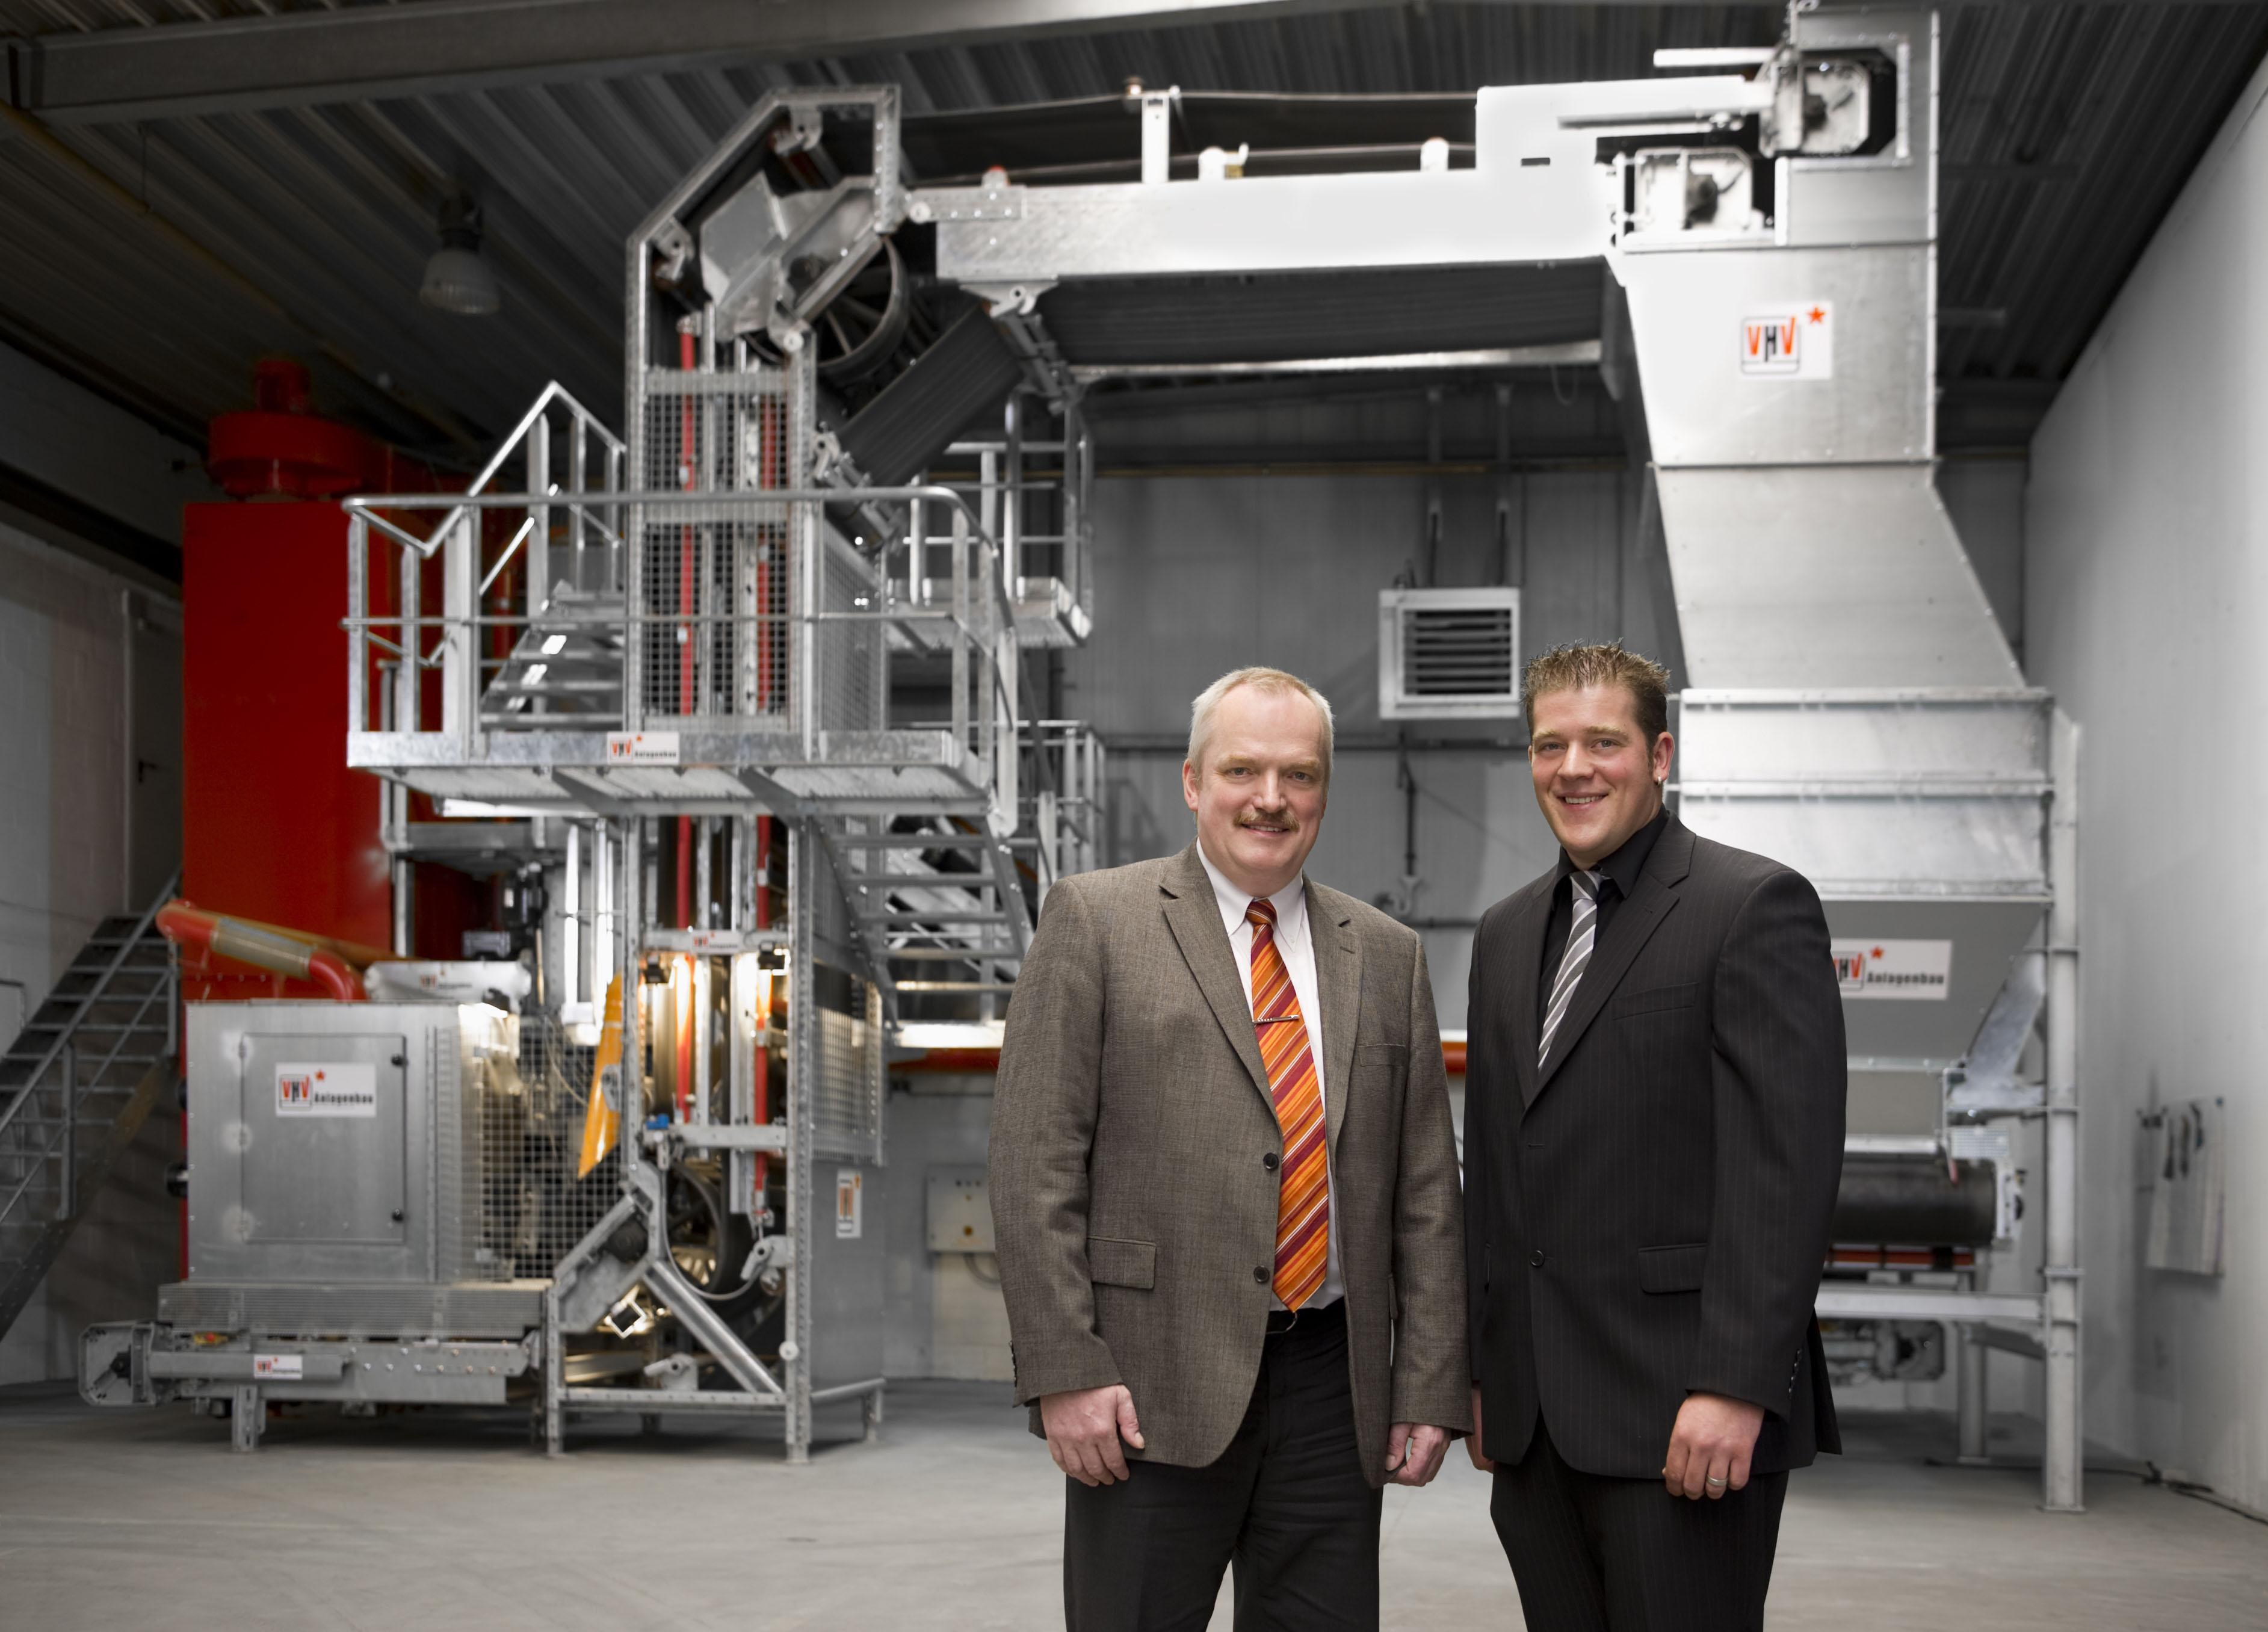 Prof. Dr. Klaus Baalmann und Thomas Krasenbrink vor der Förderanlage